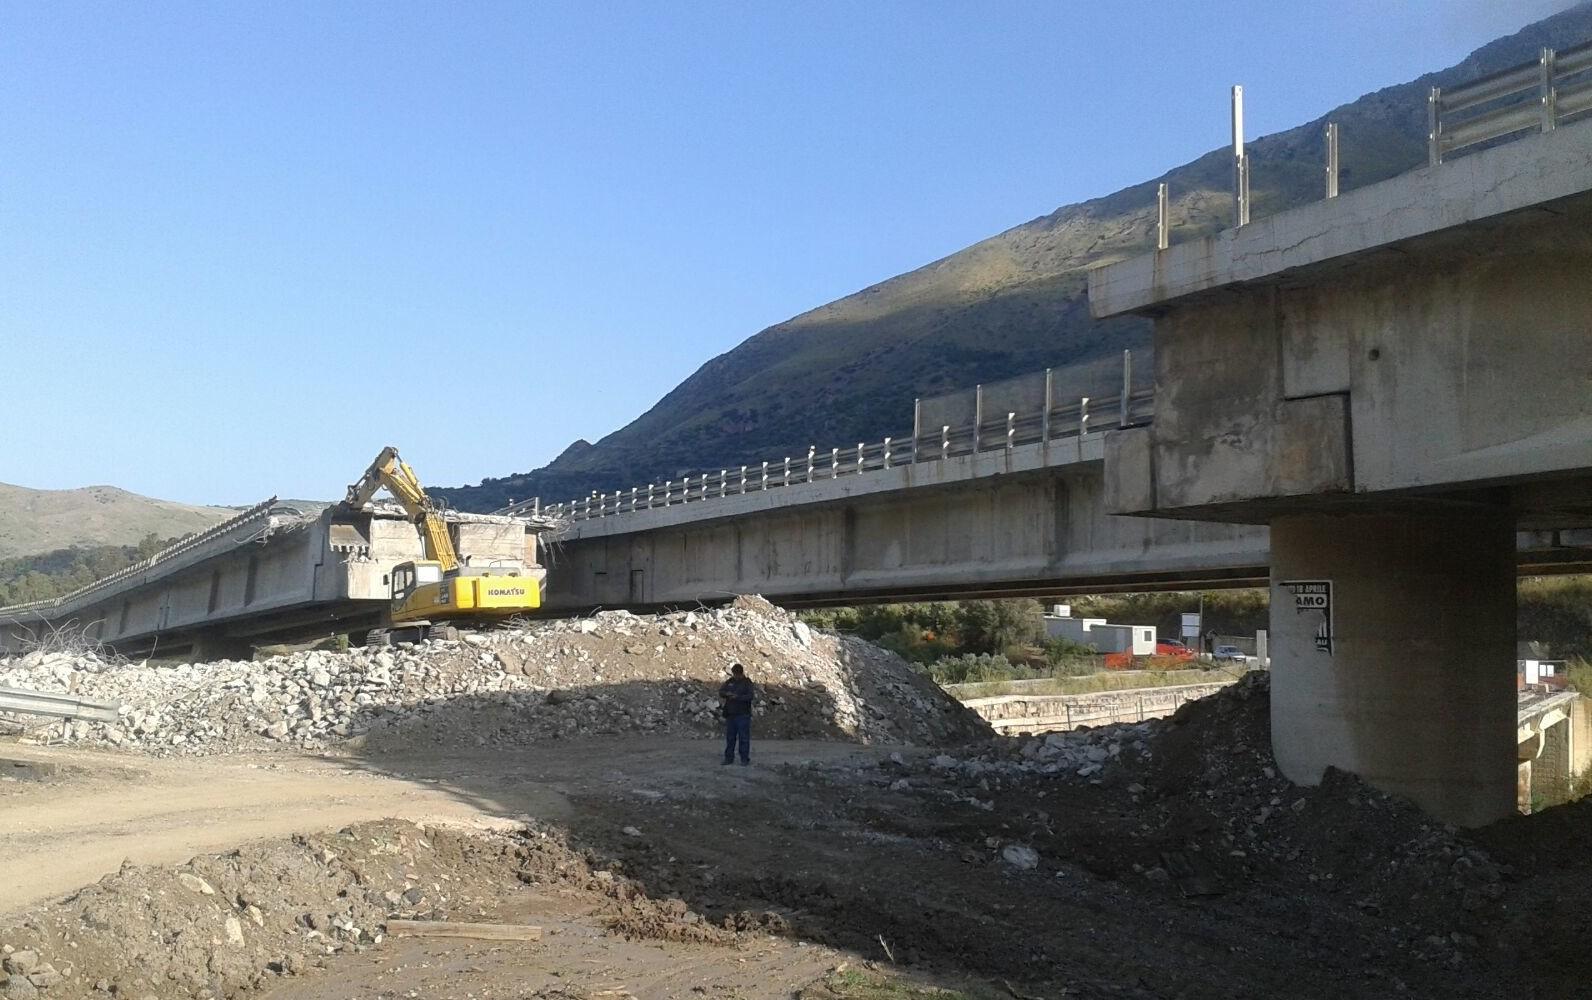 Aggiudicati i lavori per la ricostruzione del Viadotto Imera in direzione Catania